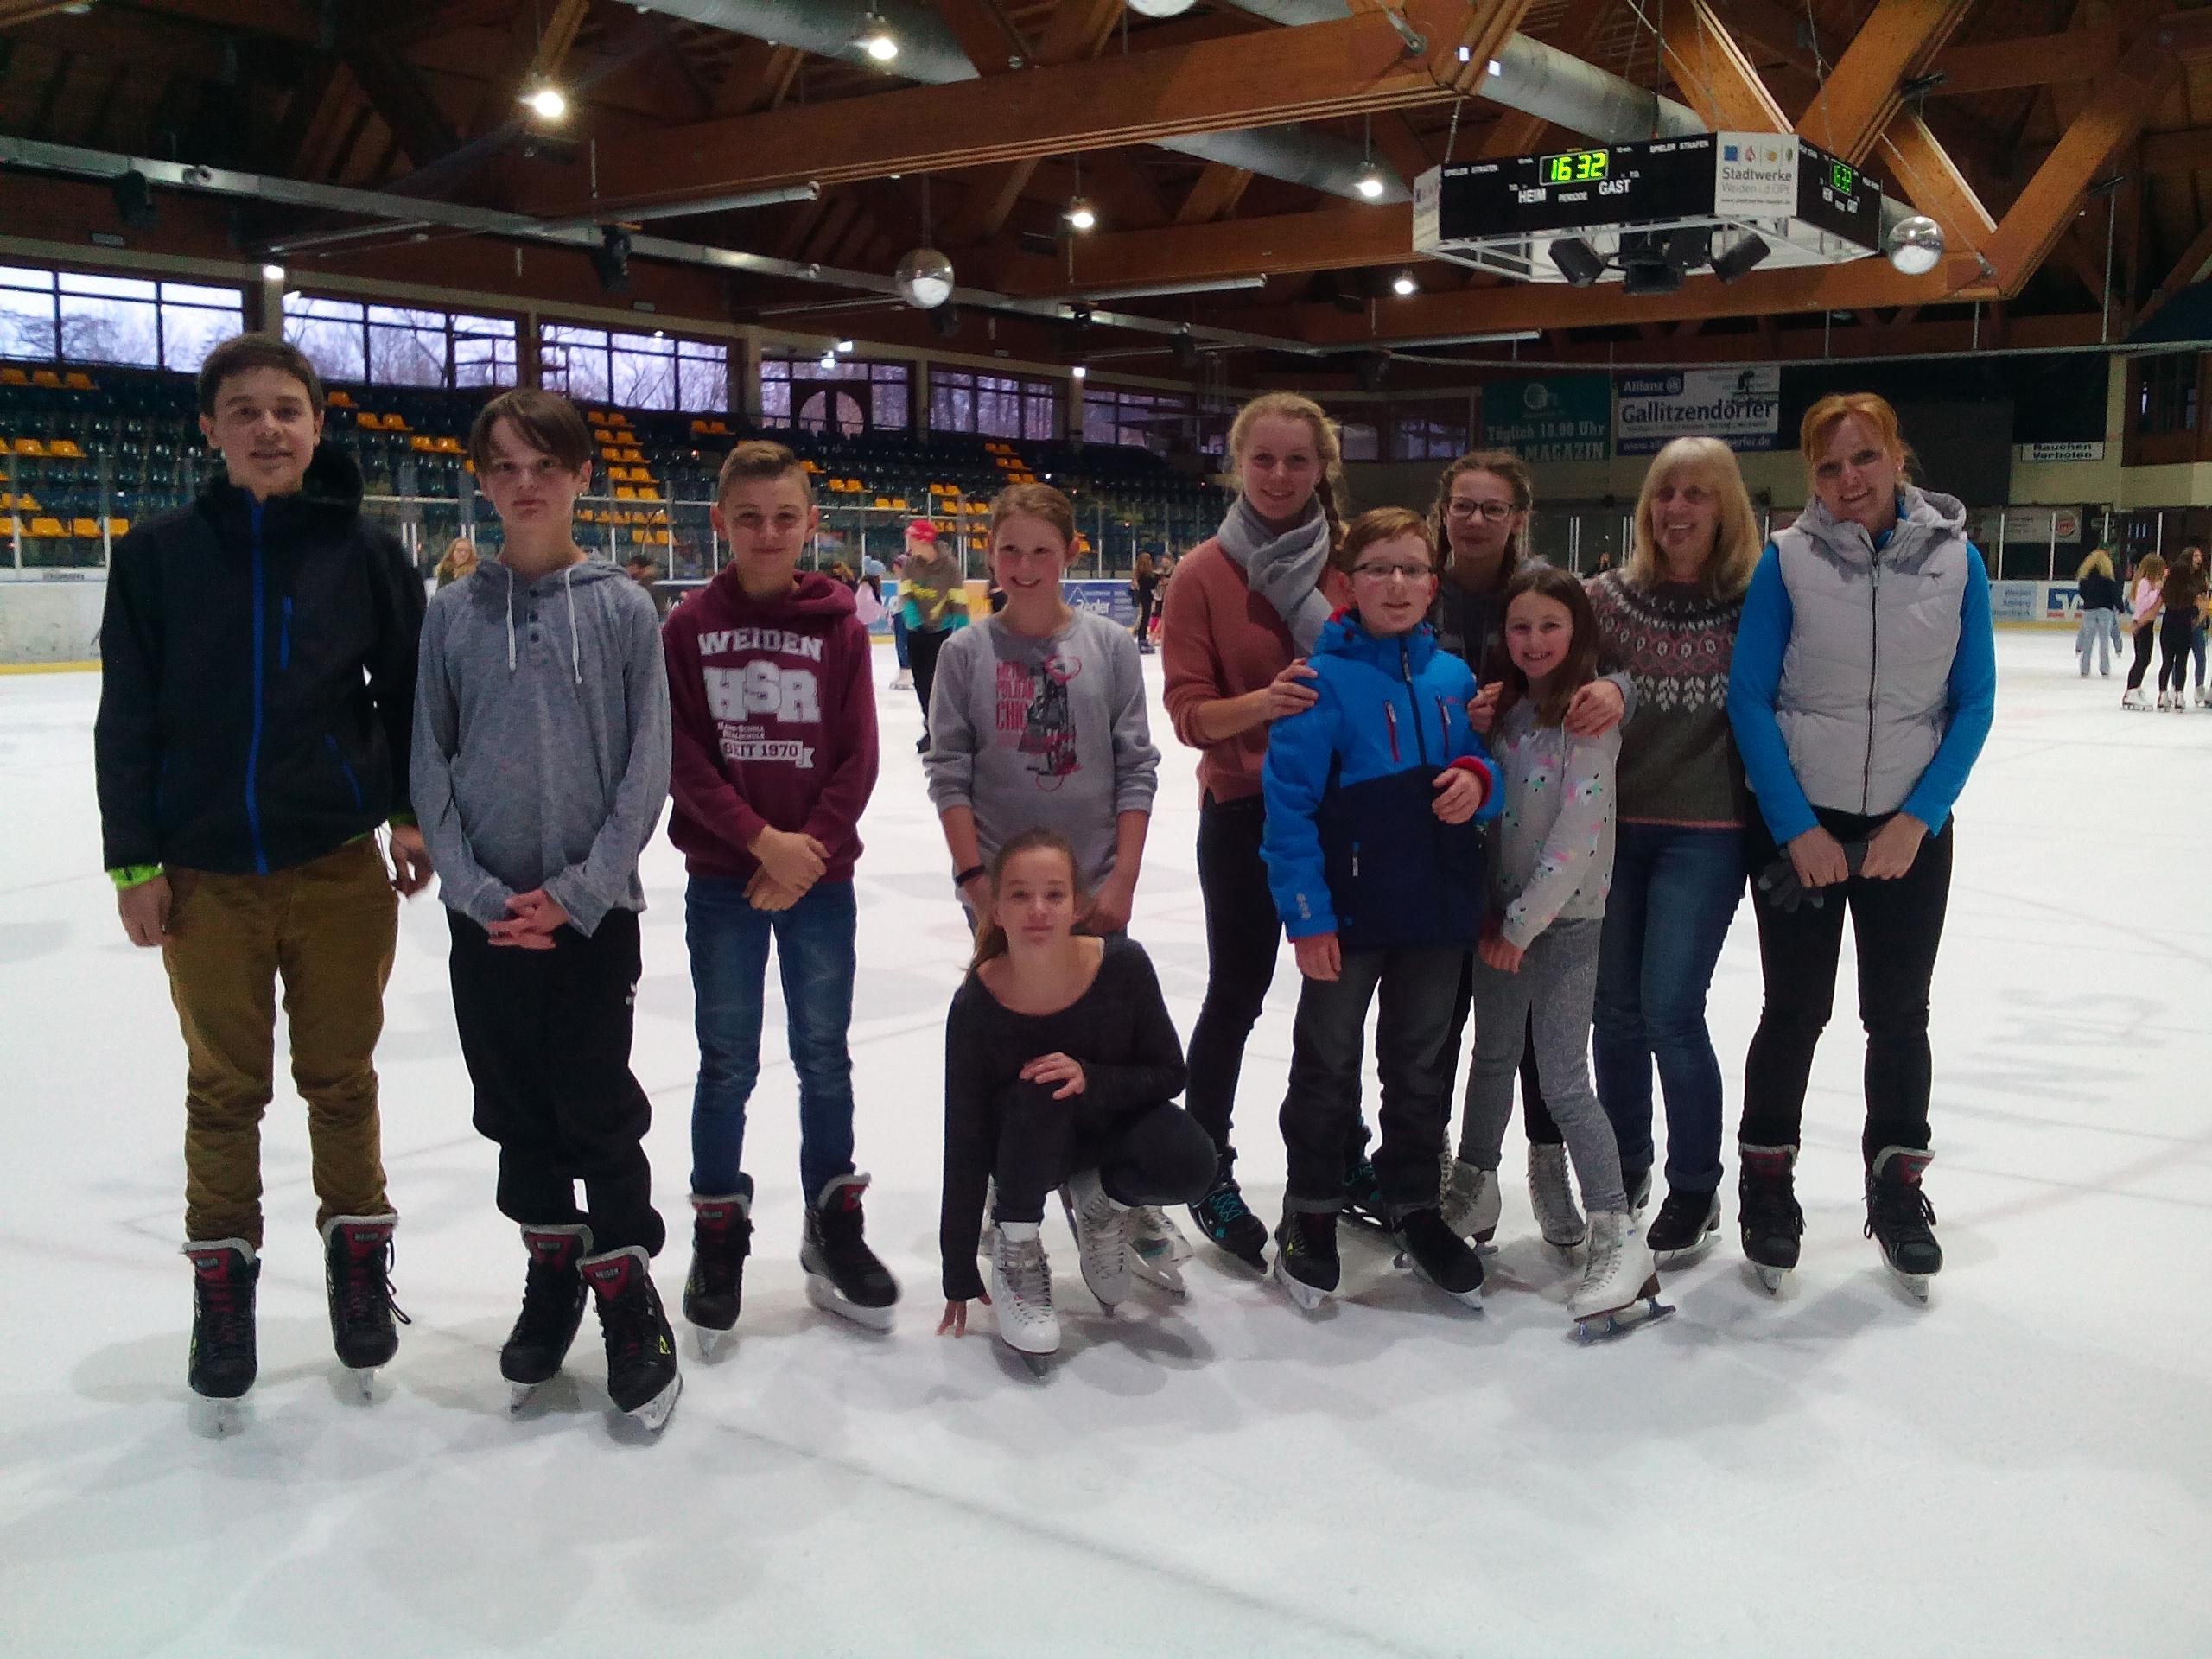 20180127_Eislaufen_2